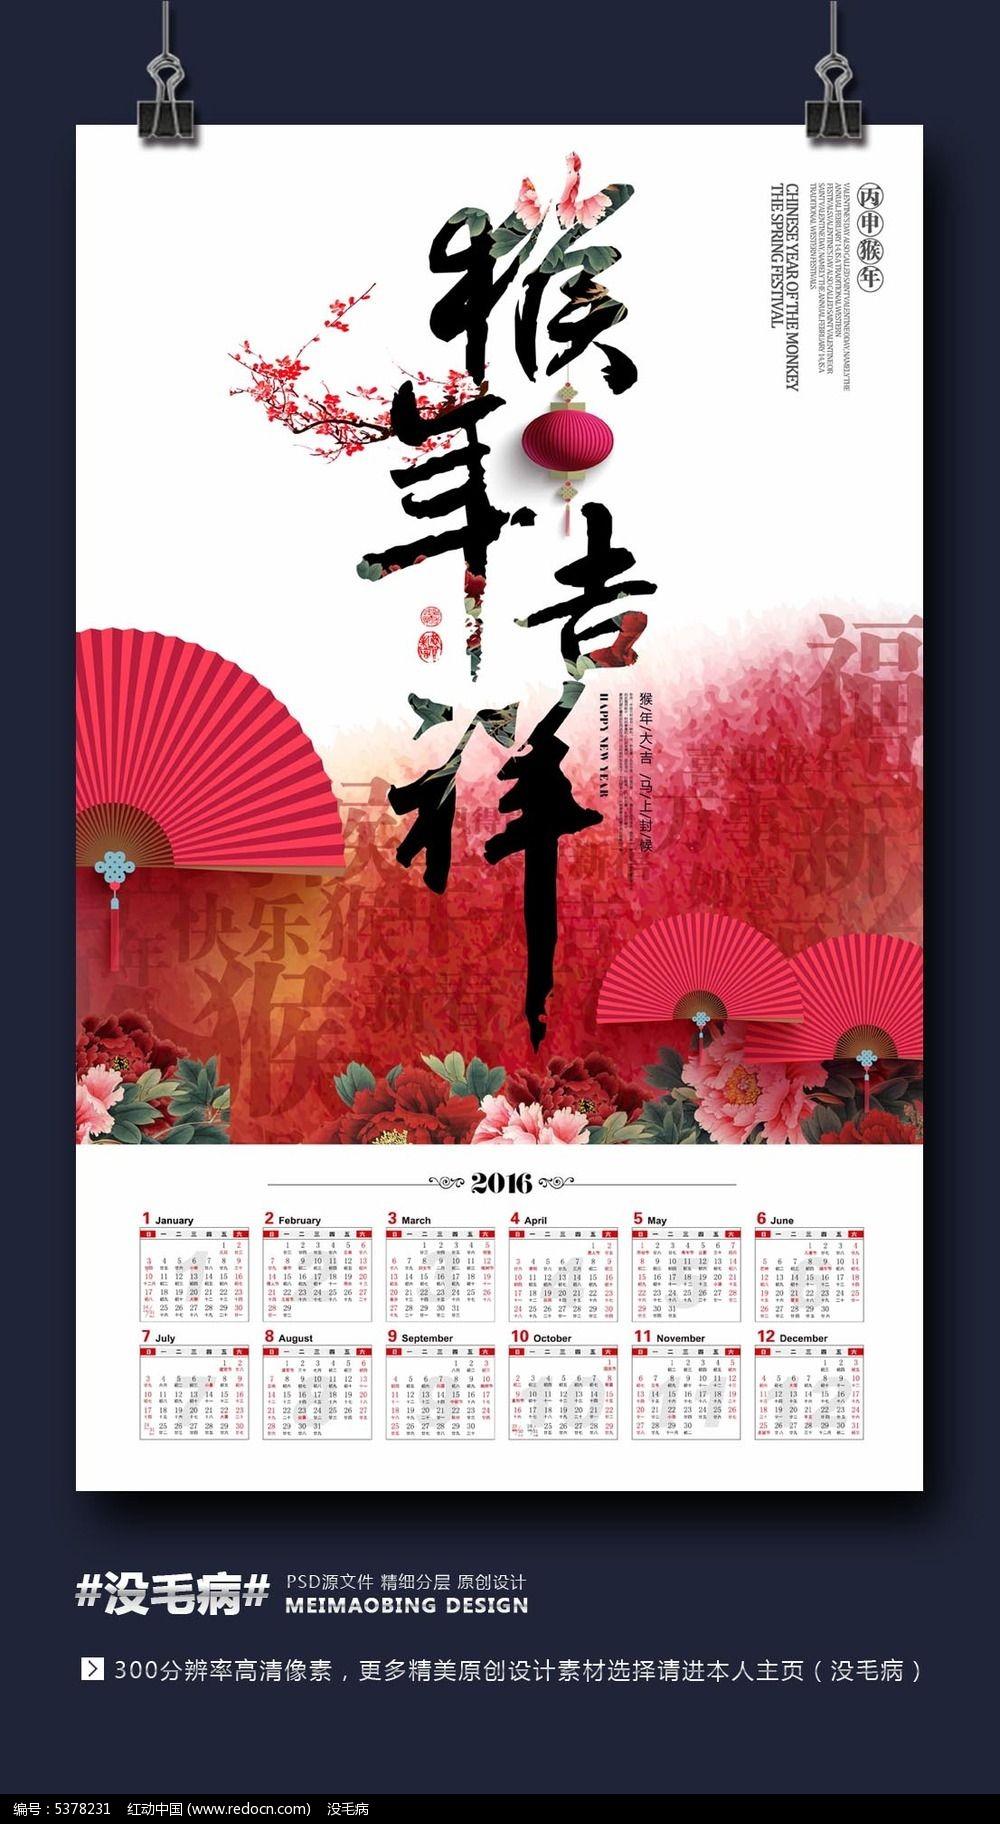 2016猴年挂历日历年历psd模板图片